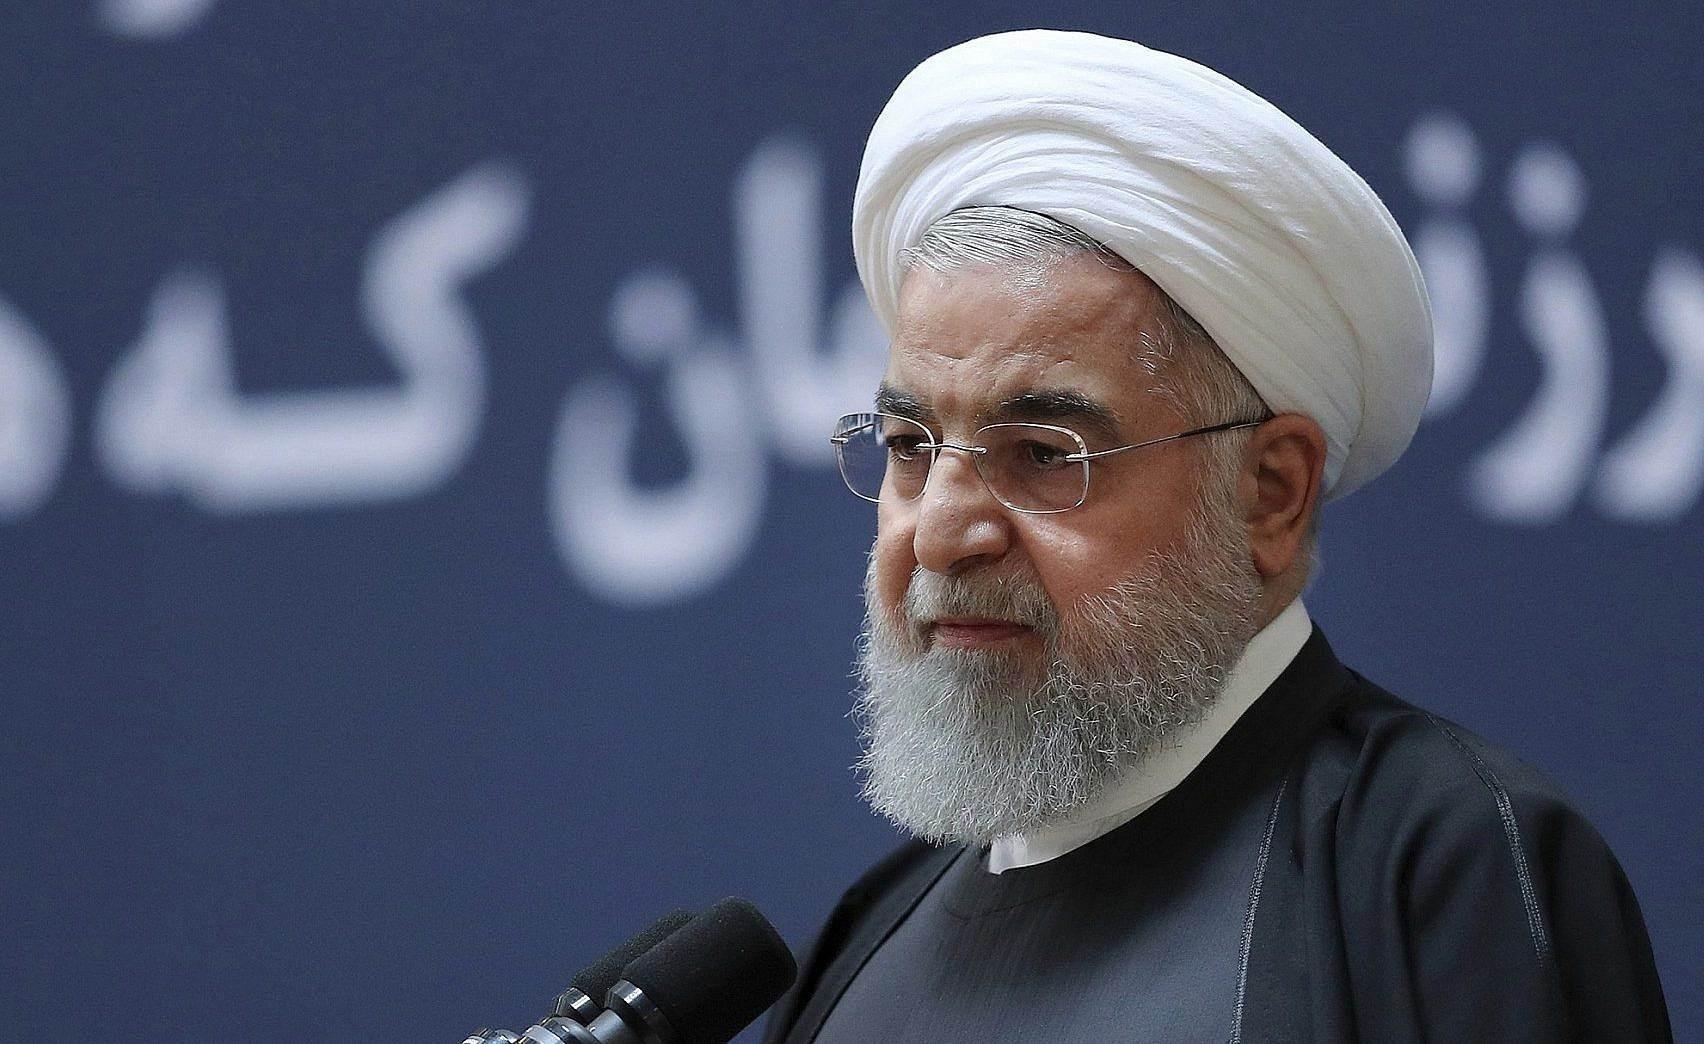 روحاني أكد الشهر الماضي أن عهد الضغوط القصوى على بلاده في طريقه إلى الزوال